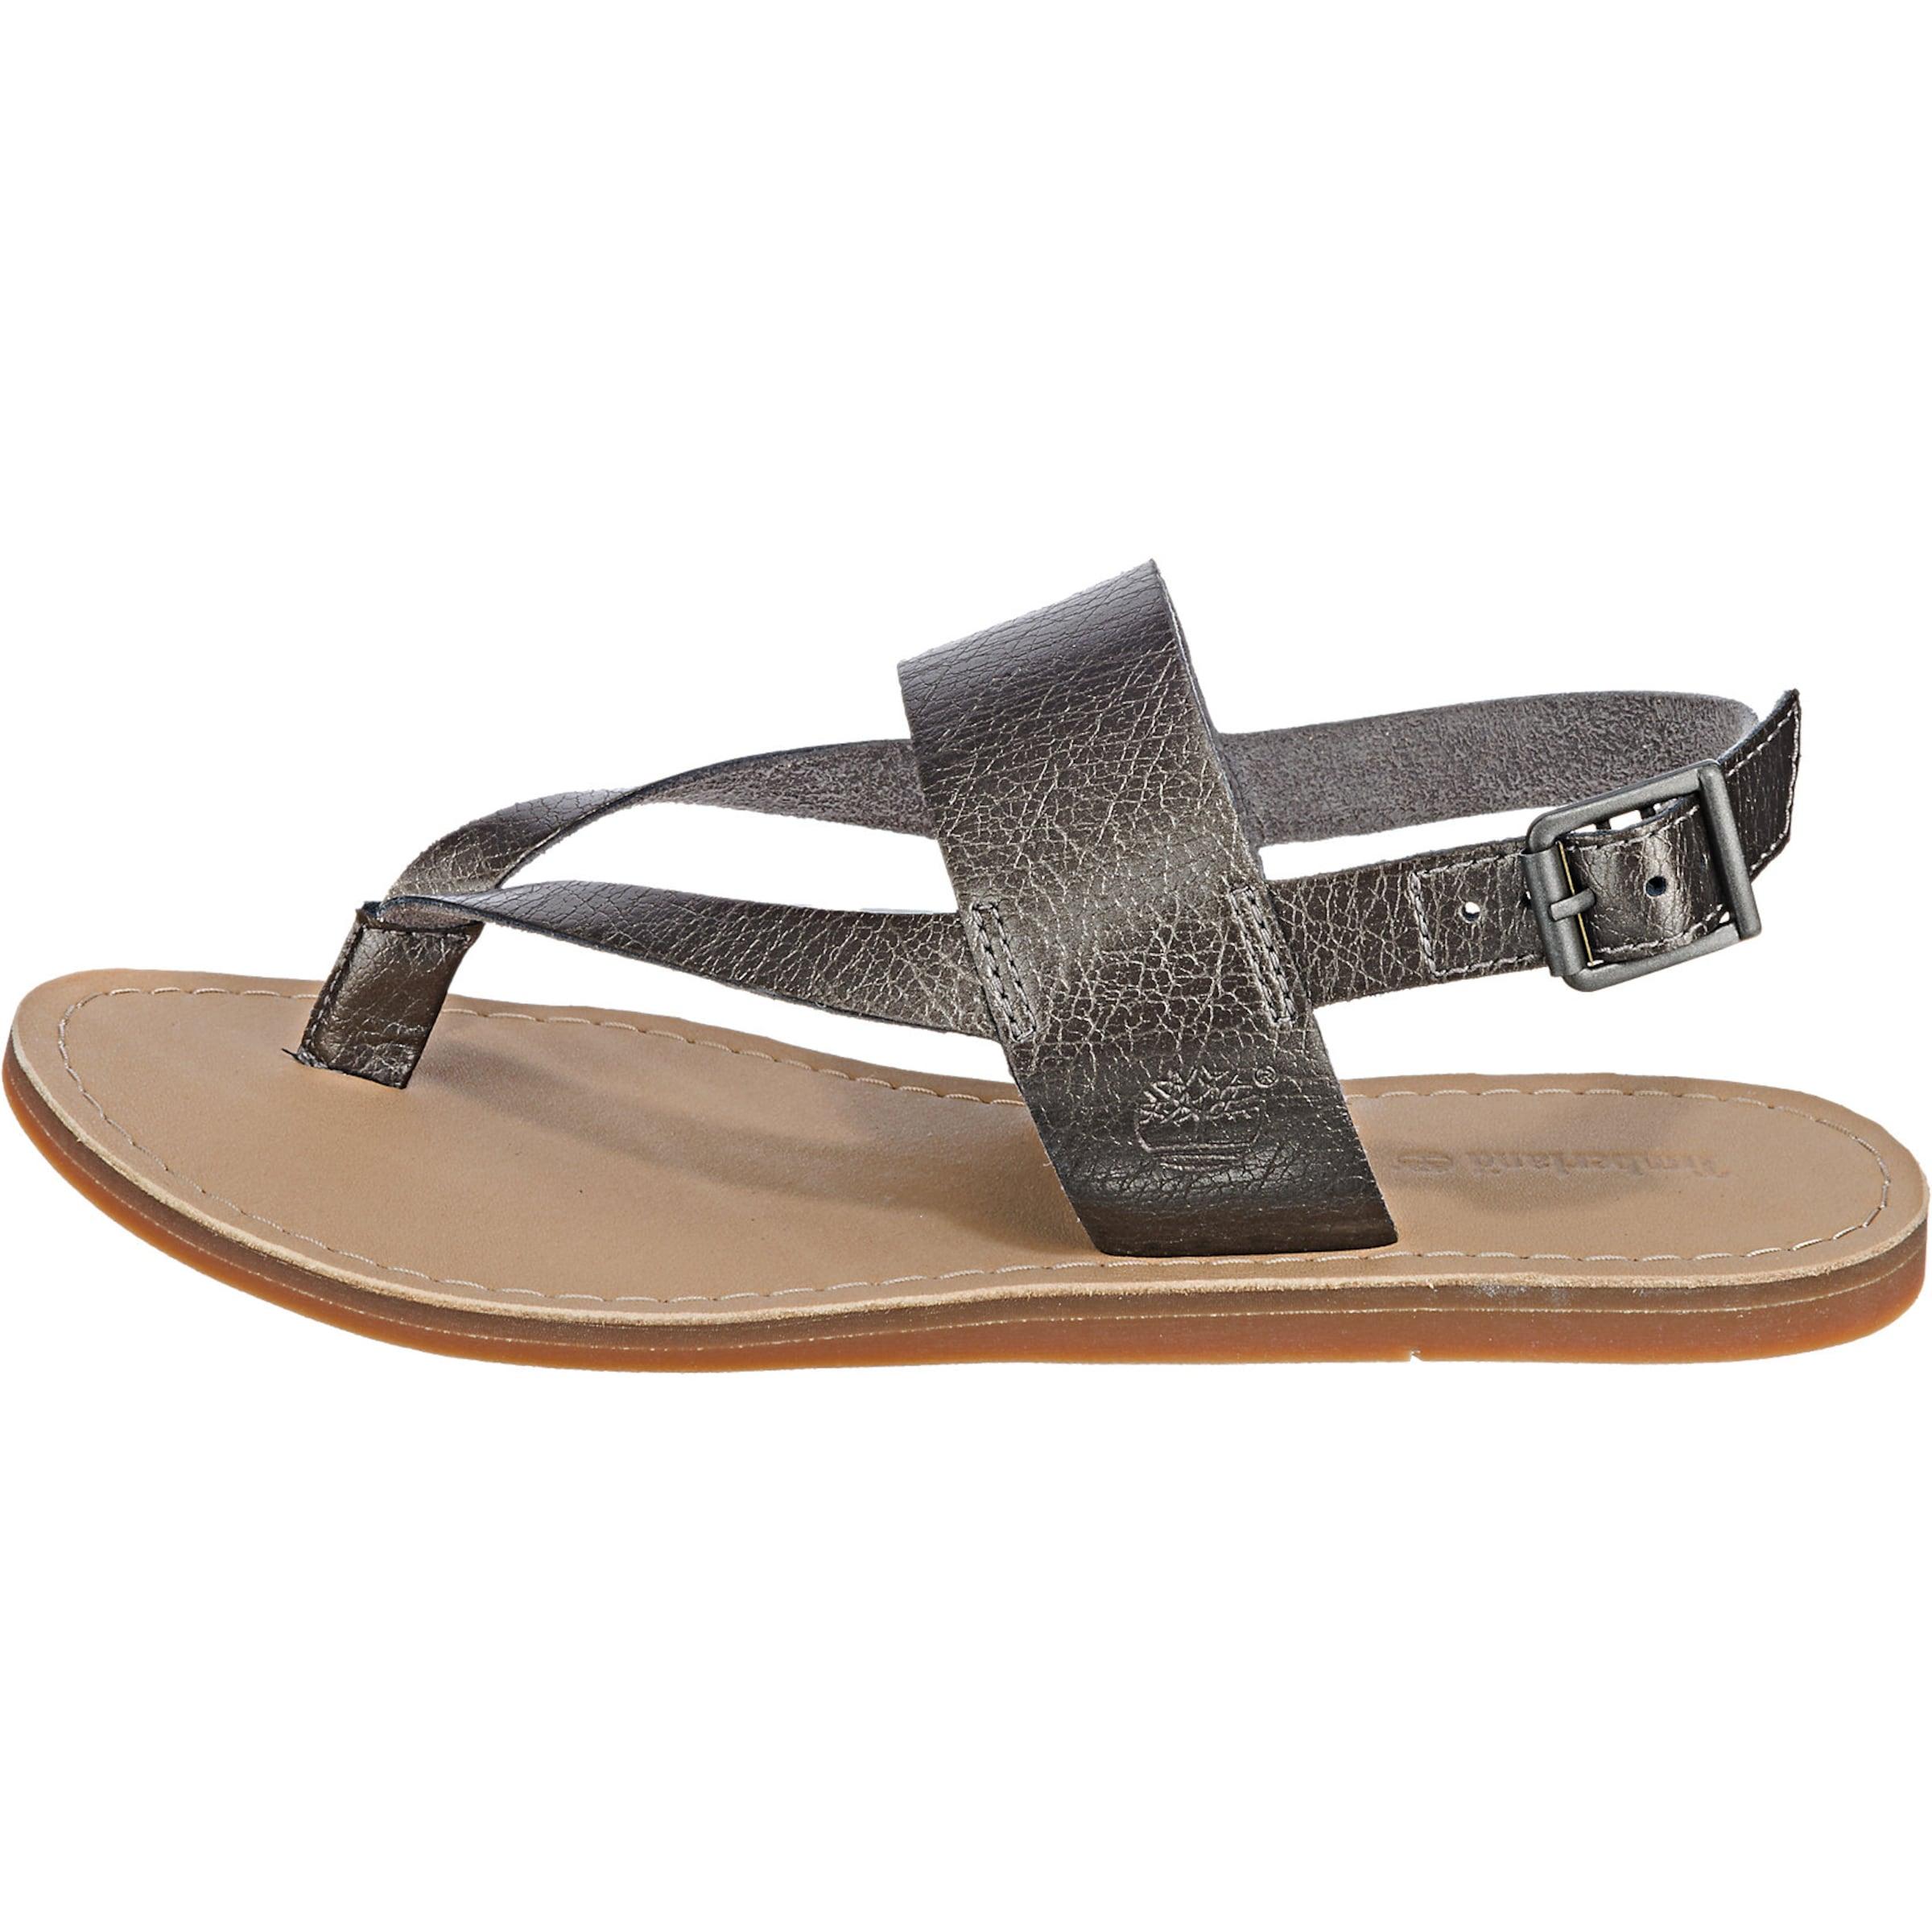 Wo Findet Man Freies Verschiffen Heißen Verkauf TIMBERLAND 'Carolista' Sandalen Zu Verkaufen Authentische Online Kaufen NYHPMCyhQ7